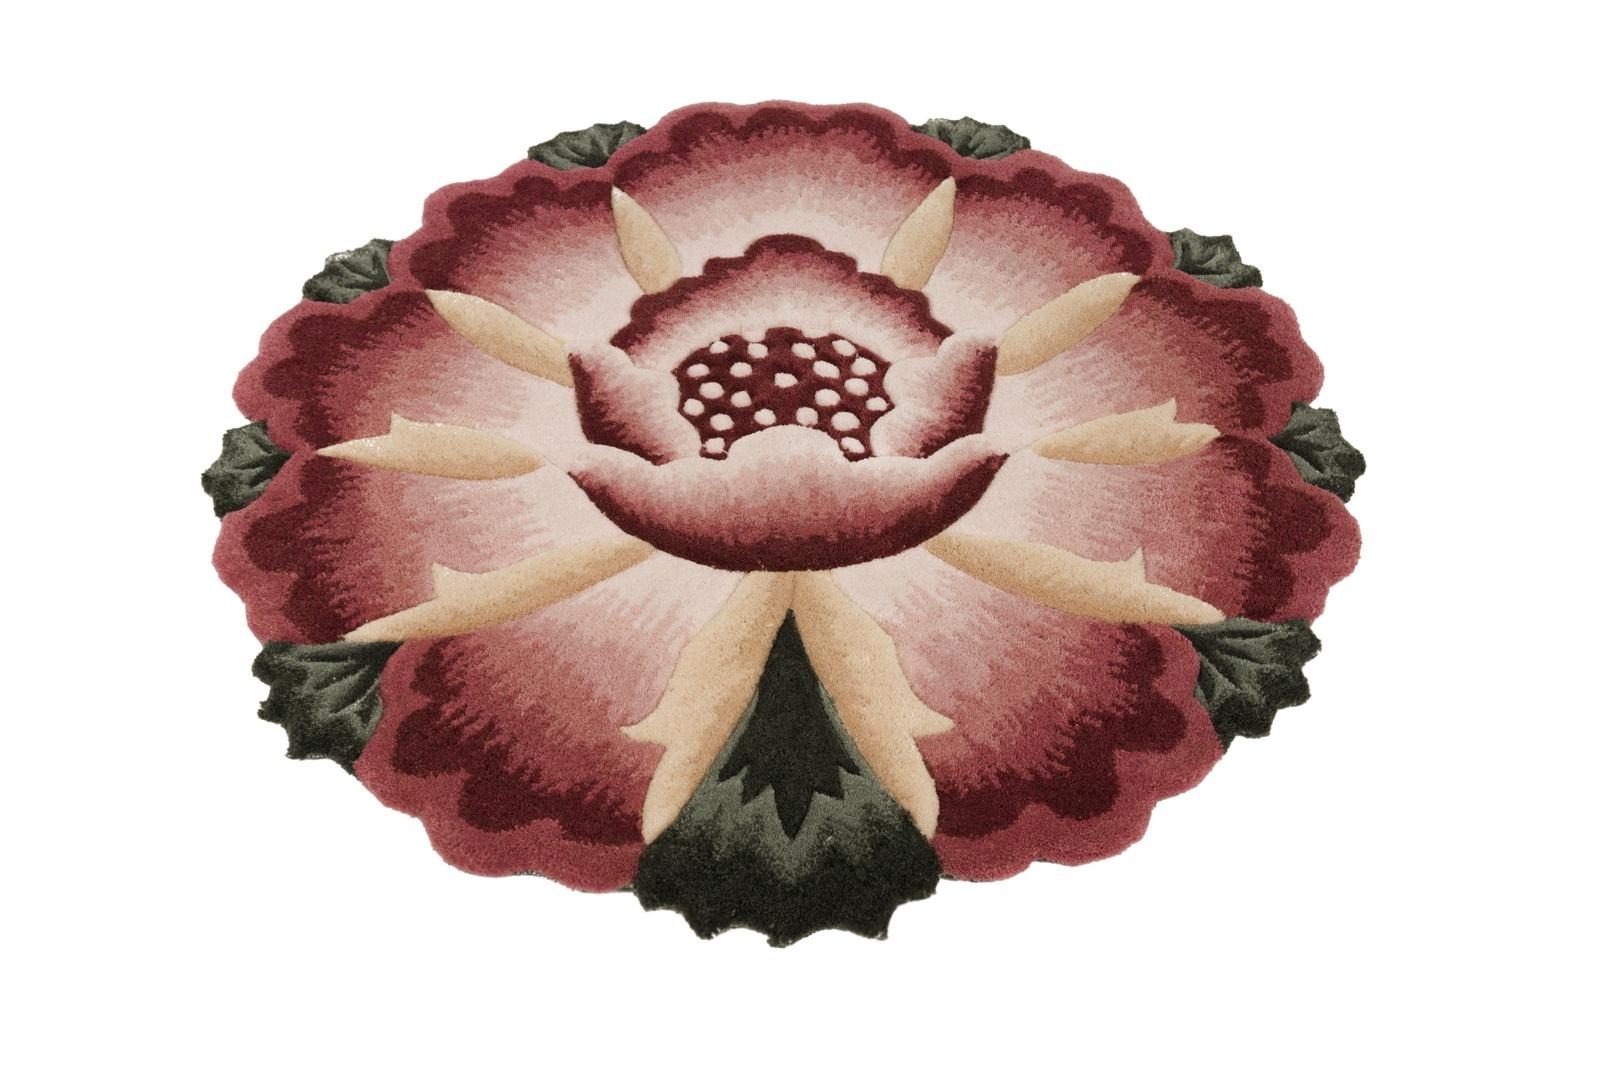 Ковер MADONNA 1,2х1,2 /фигурный, розовый